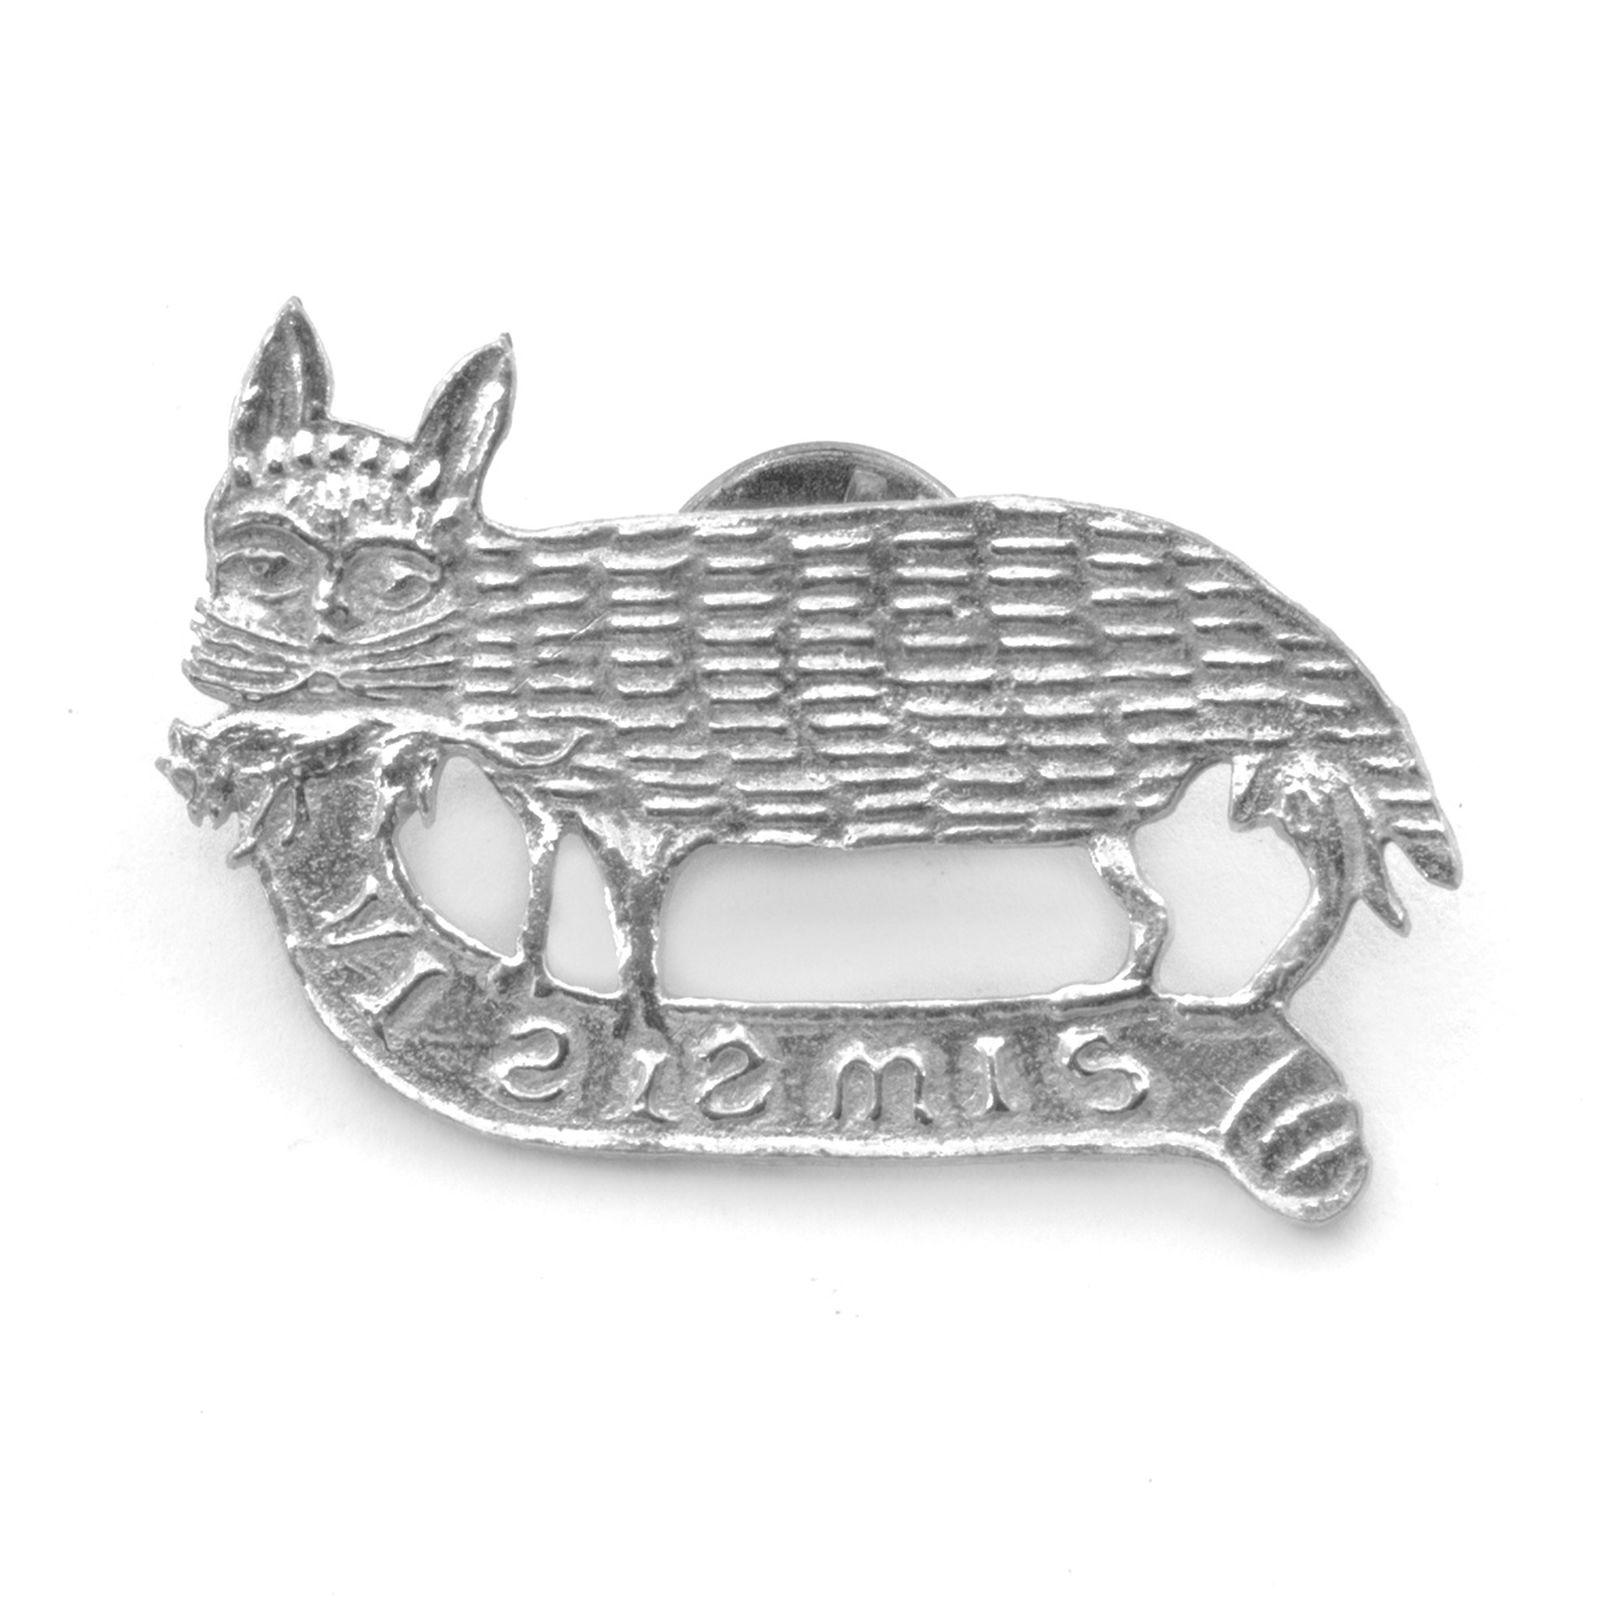 Kissa ja hiiri 1400 luku tinapinssi